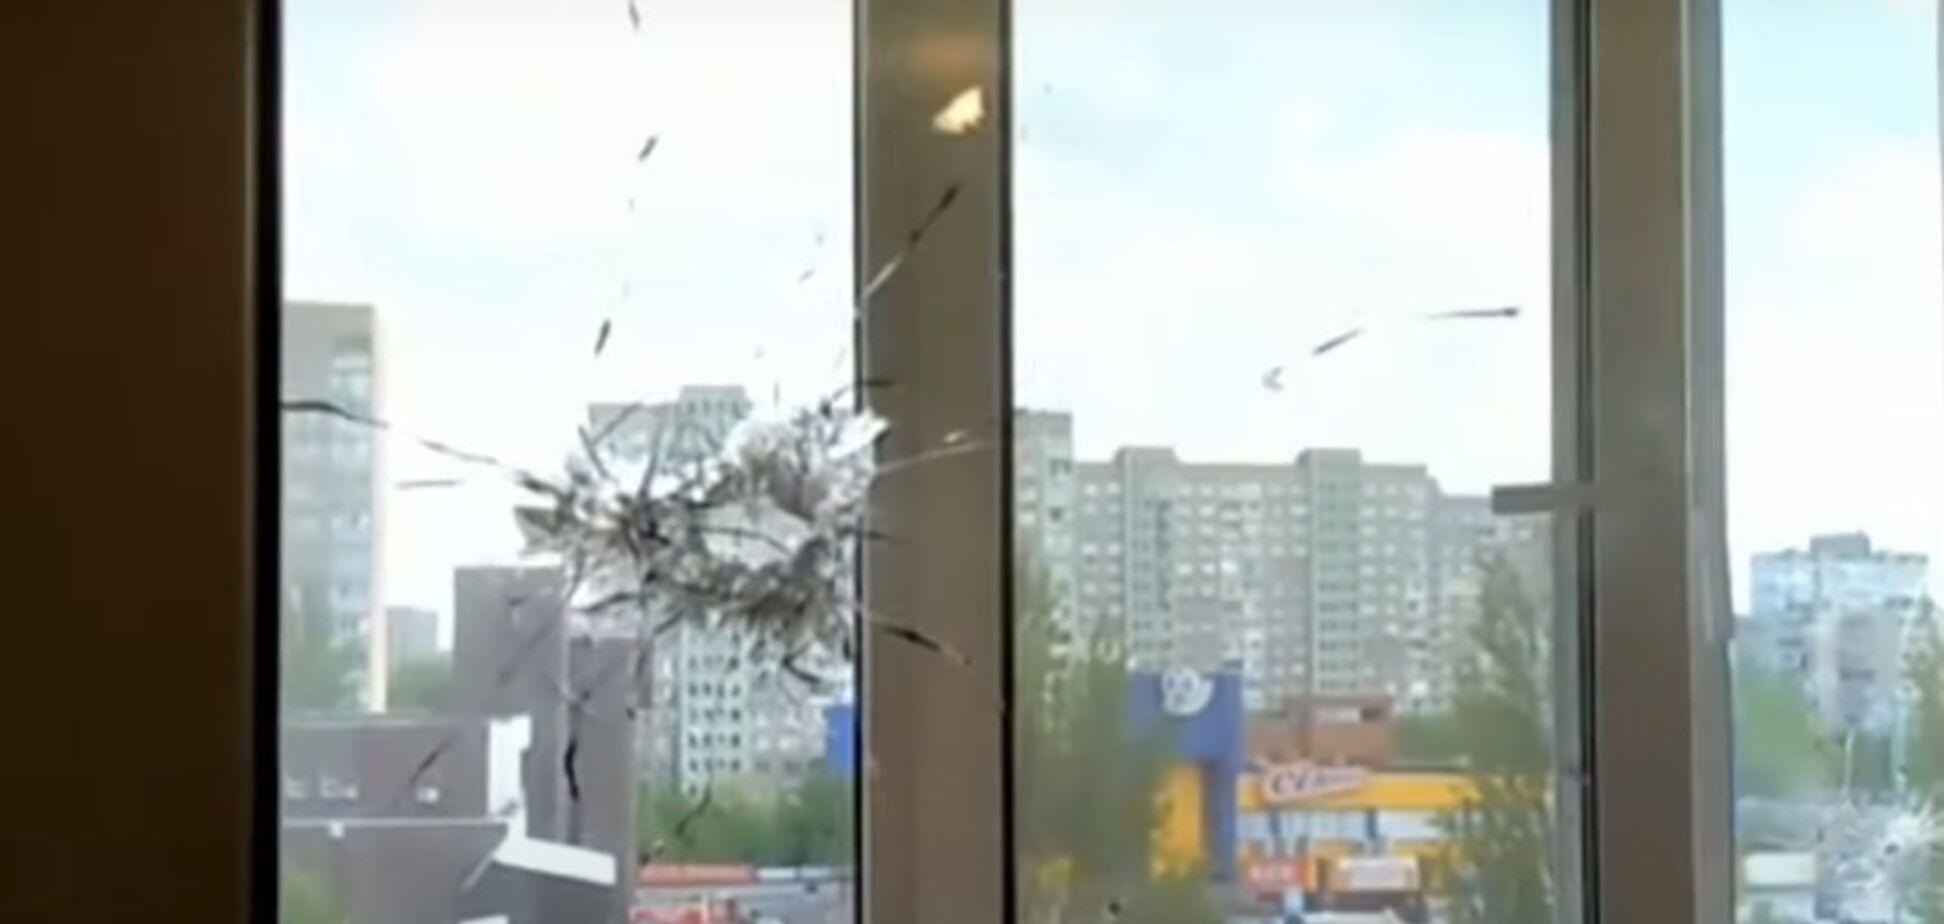 В Киеве на Троещине из автомата обстреляли рынок: пули попали в жилые дома. Фото и видео